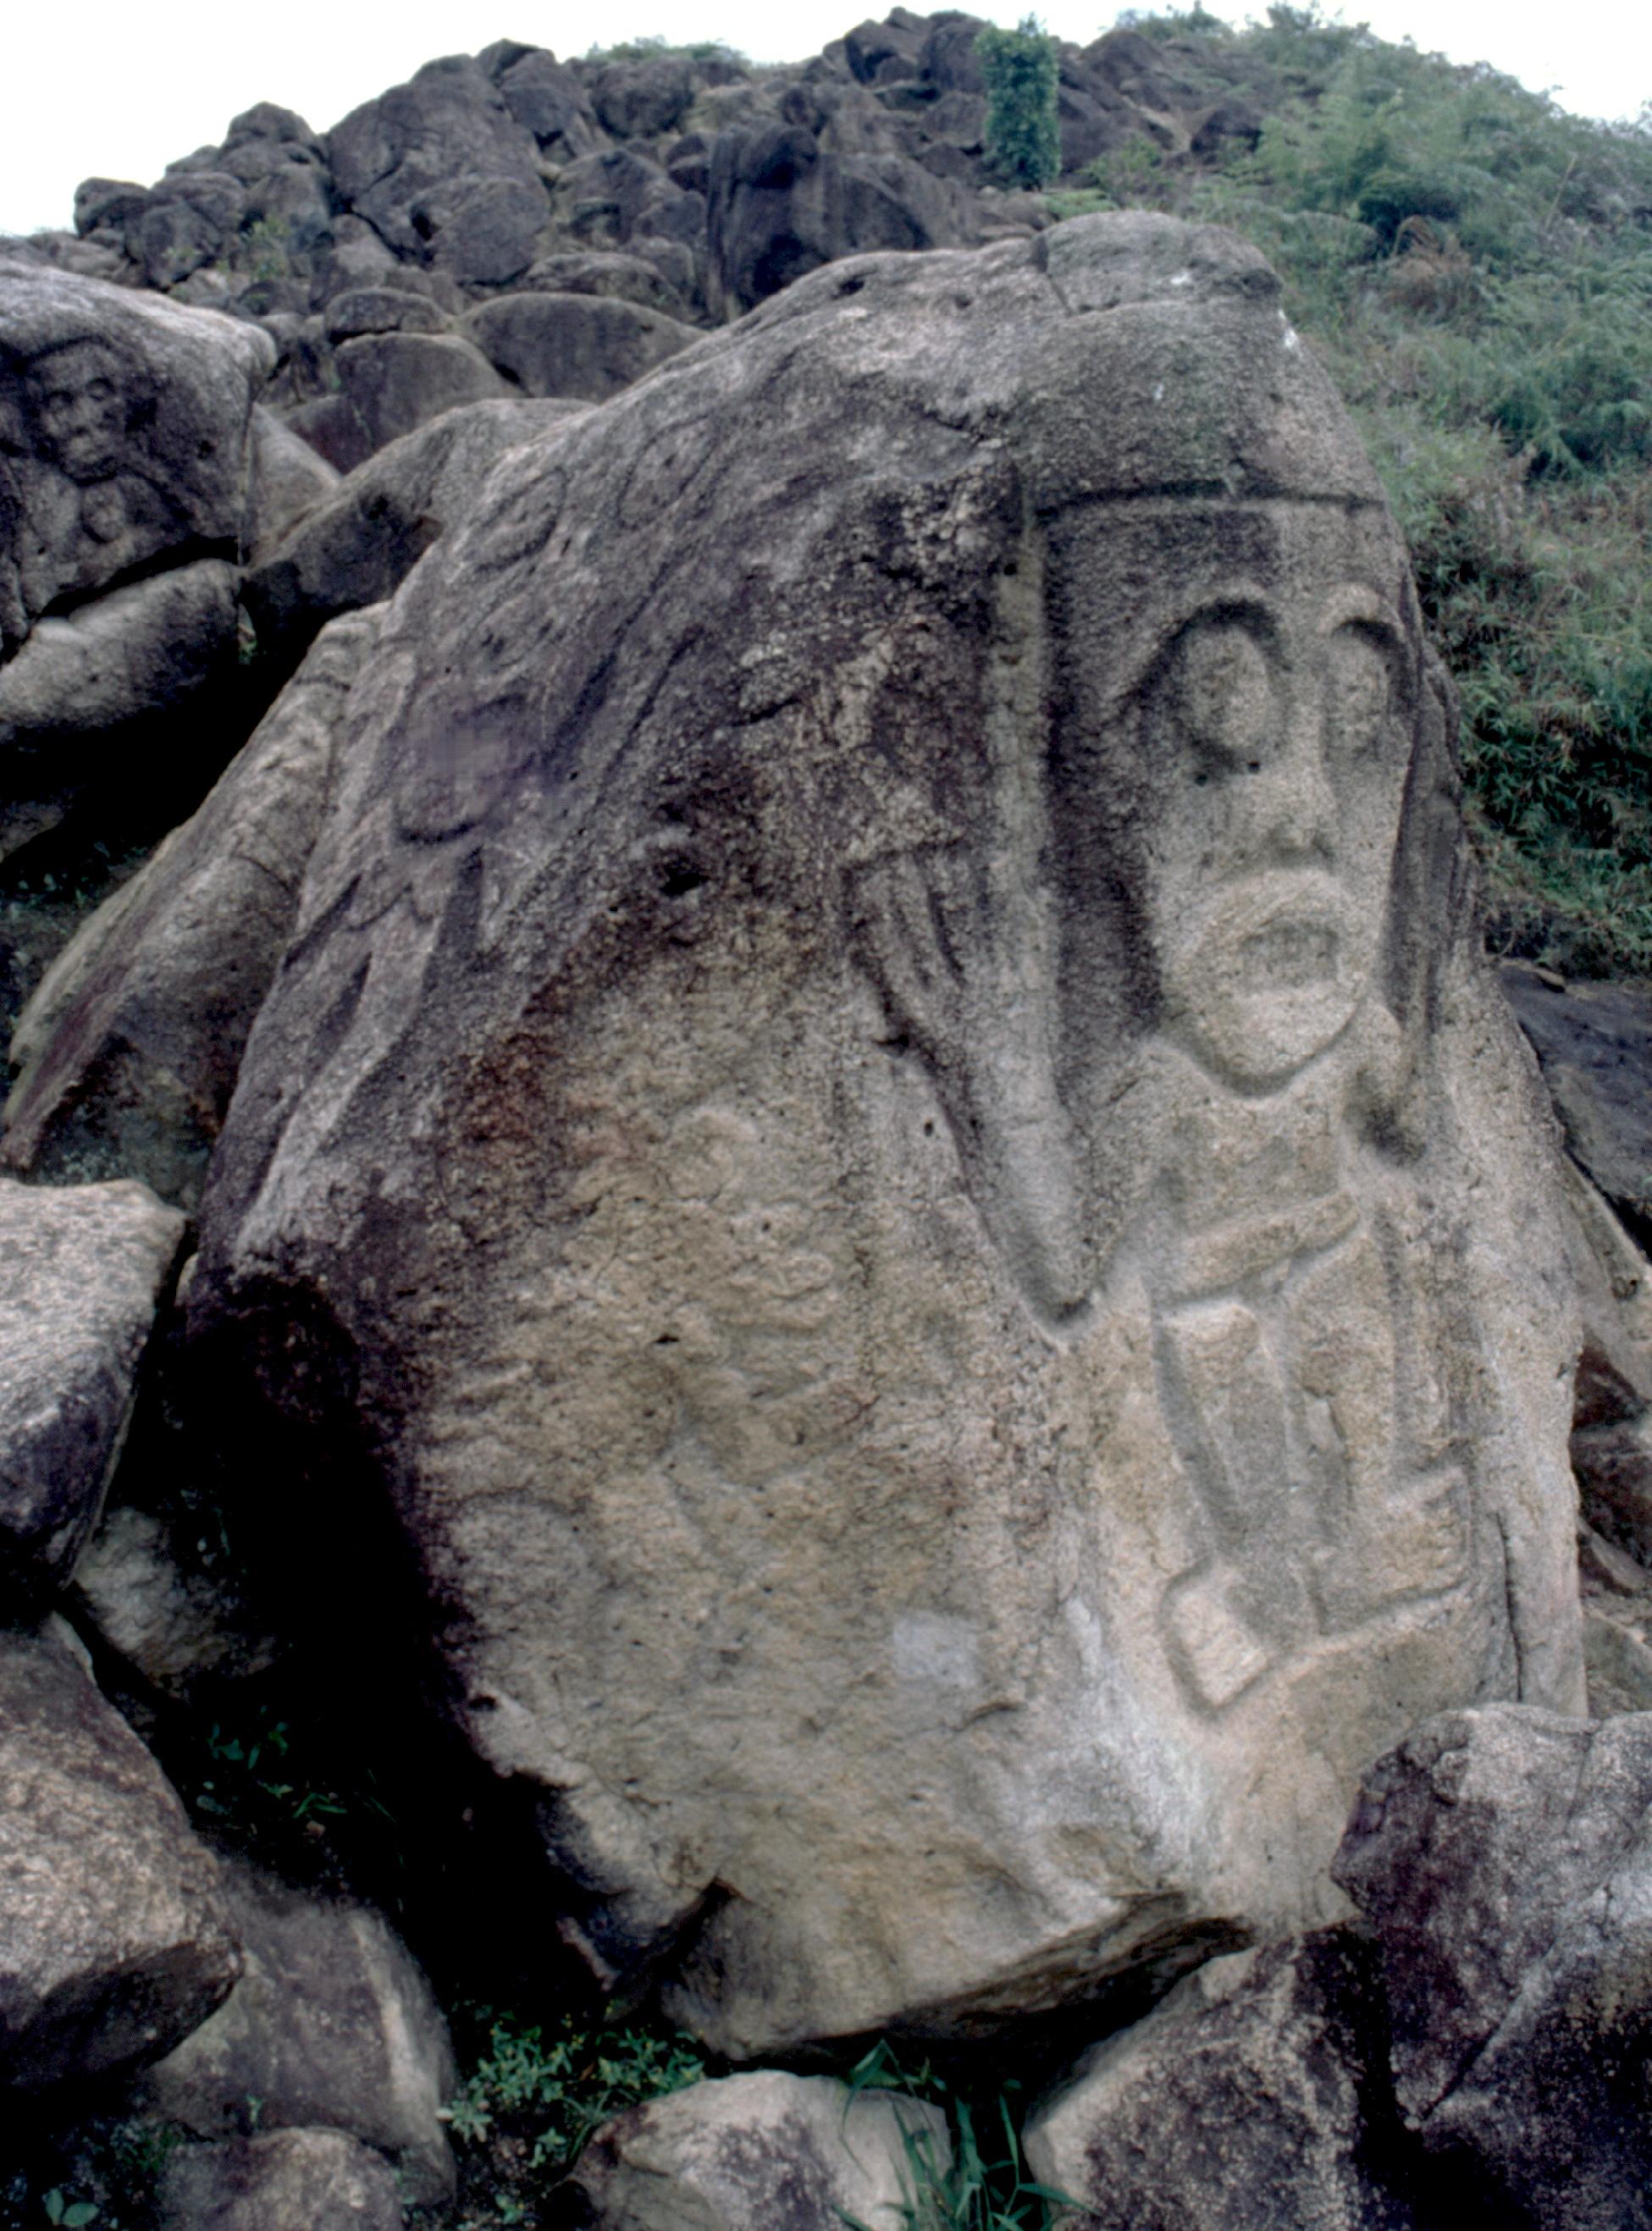 Toute la région autour de San Agustin porte, gravées sur des rochers, les marques d'un riche passé religieux.